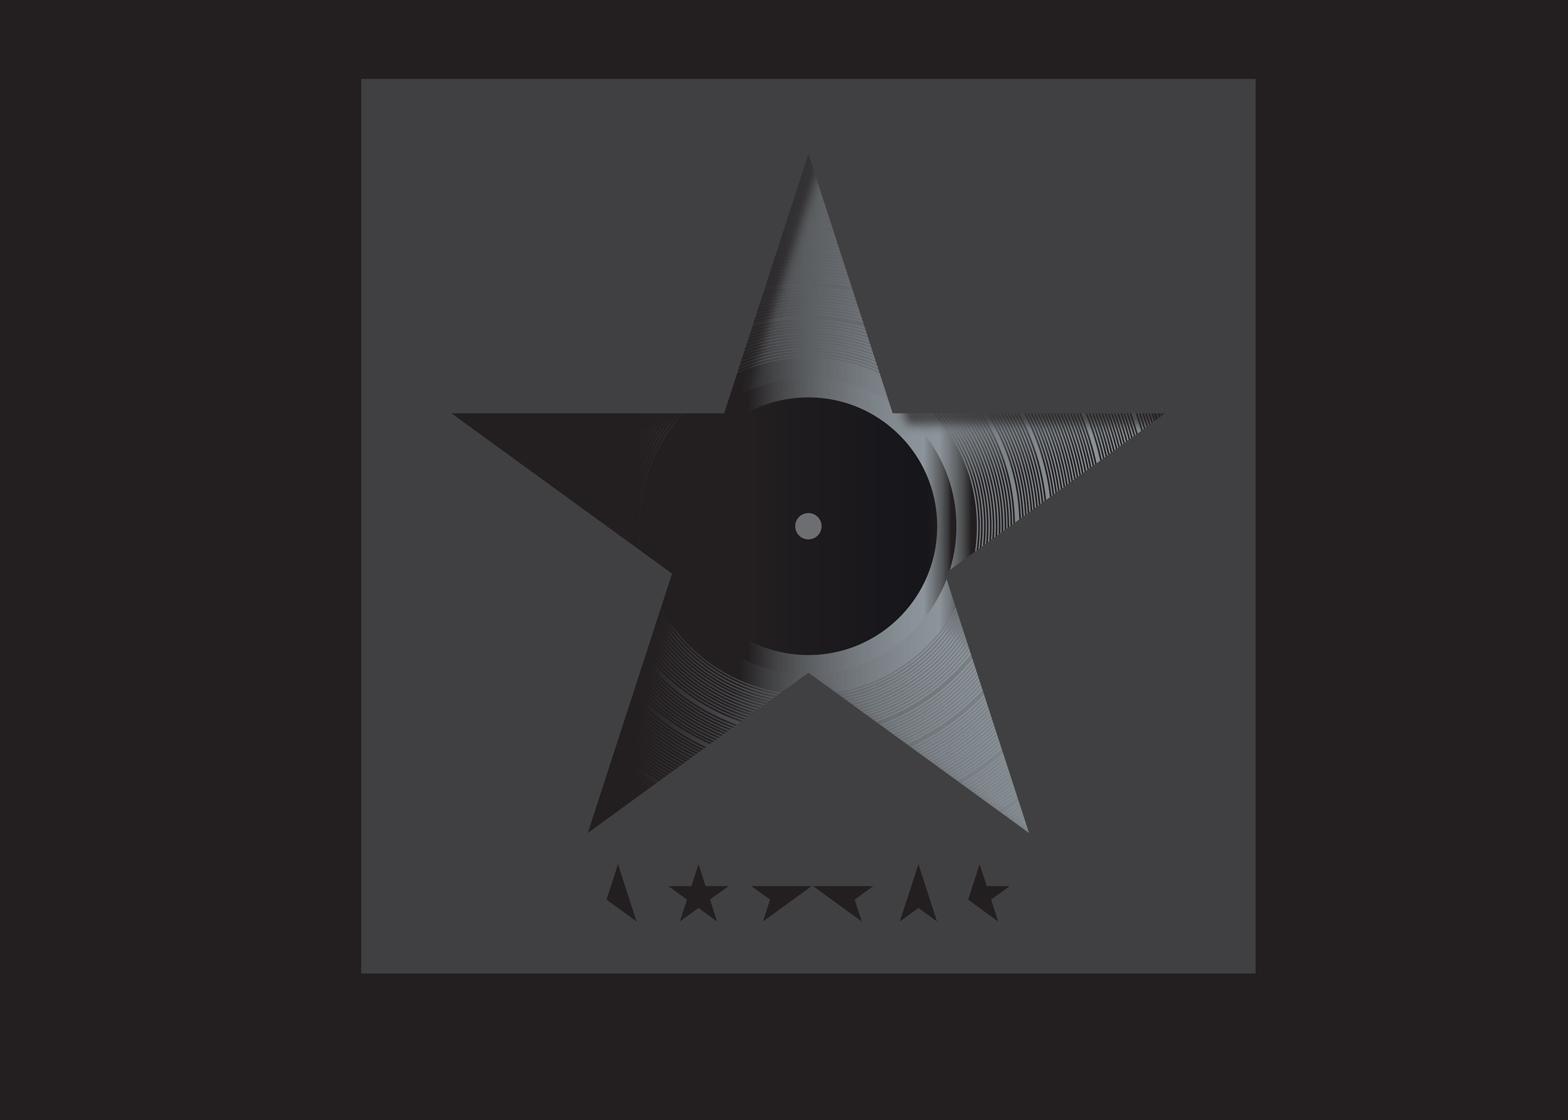 Vinyl album artwork for ★, 2016